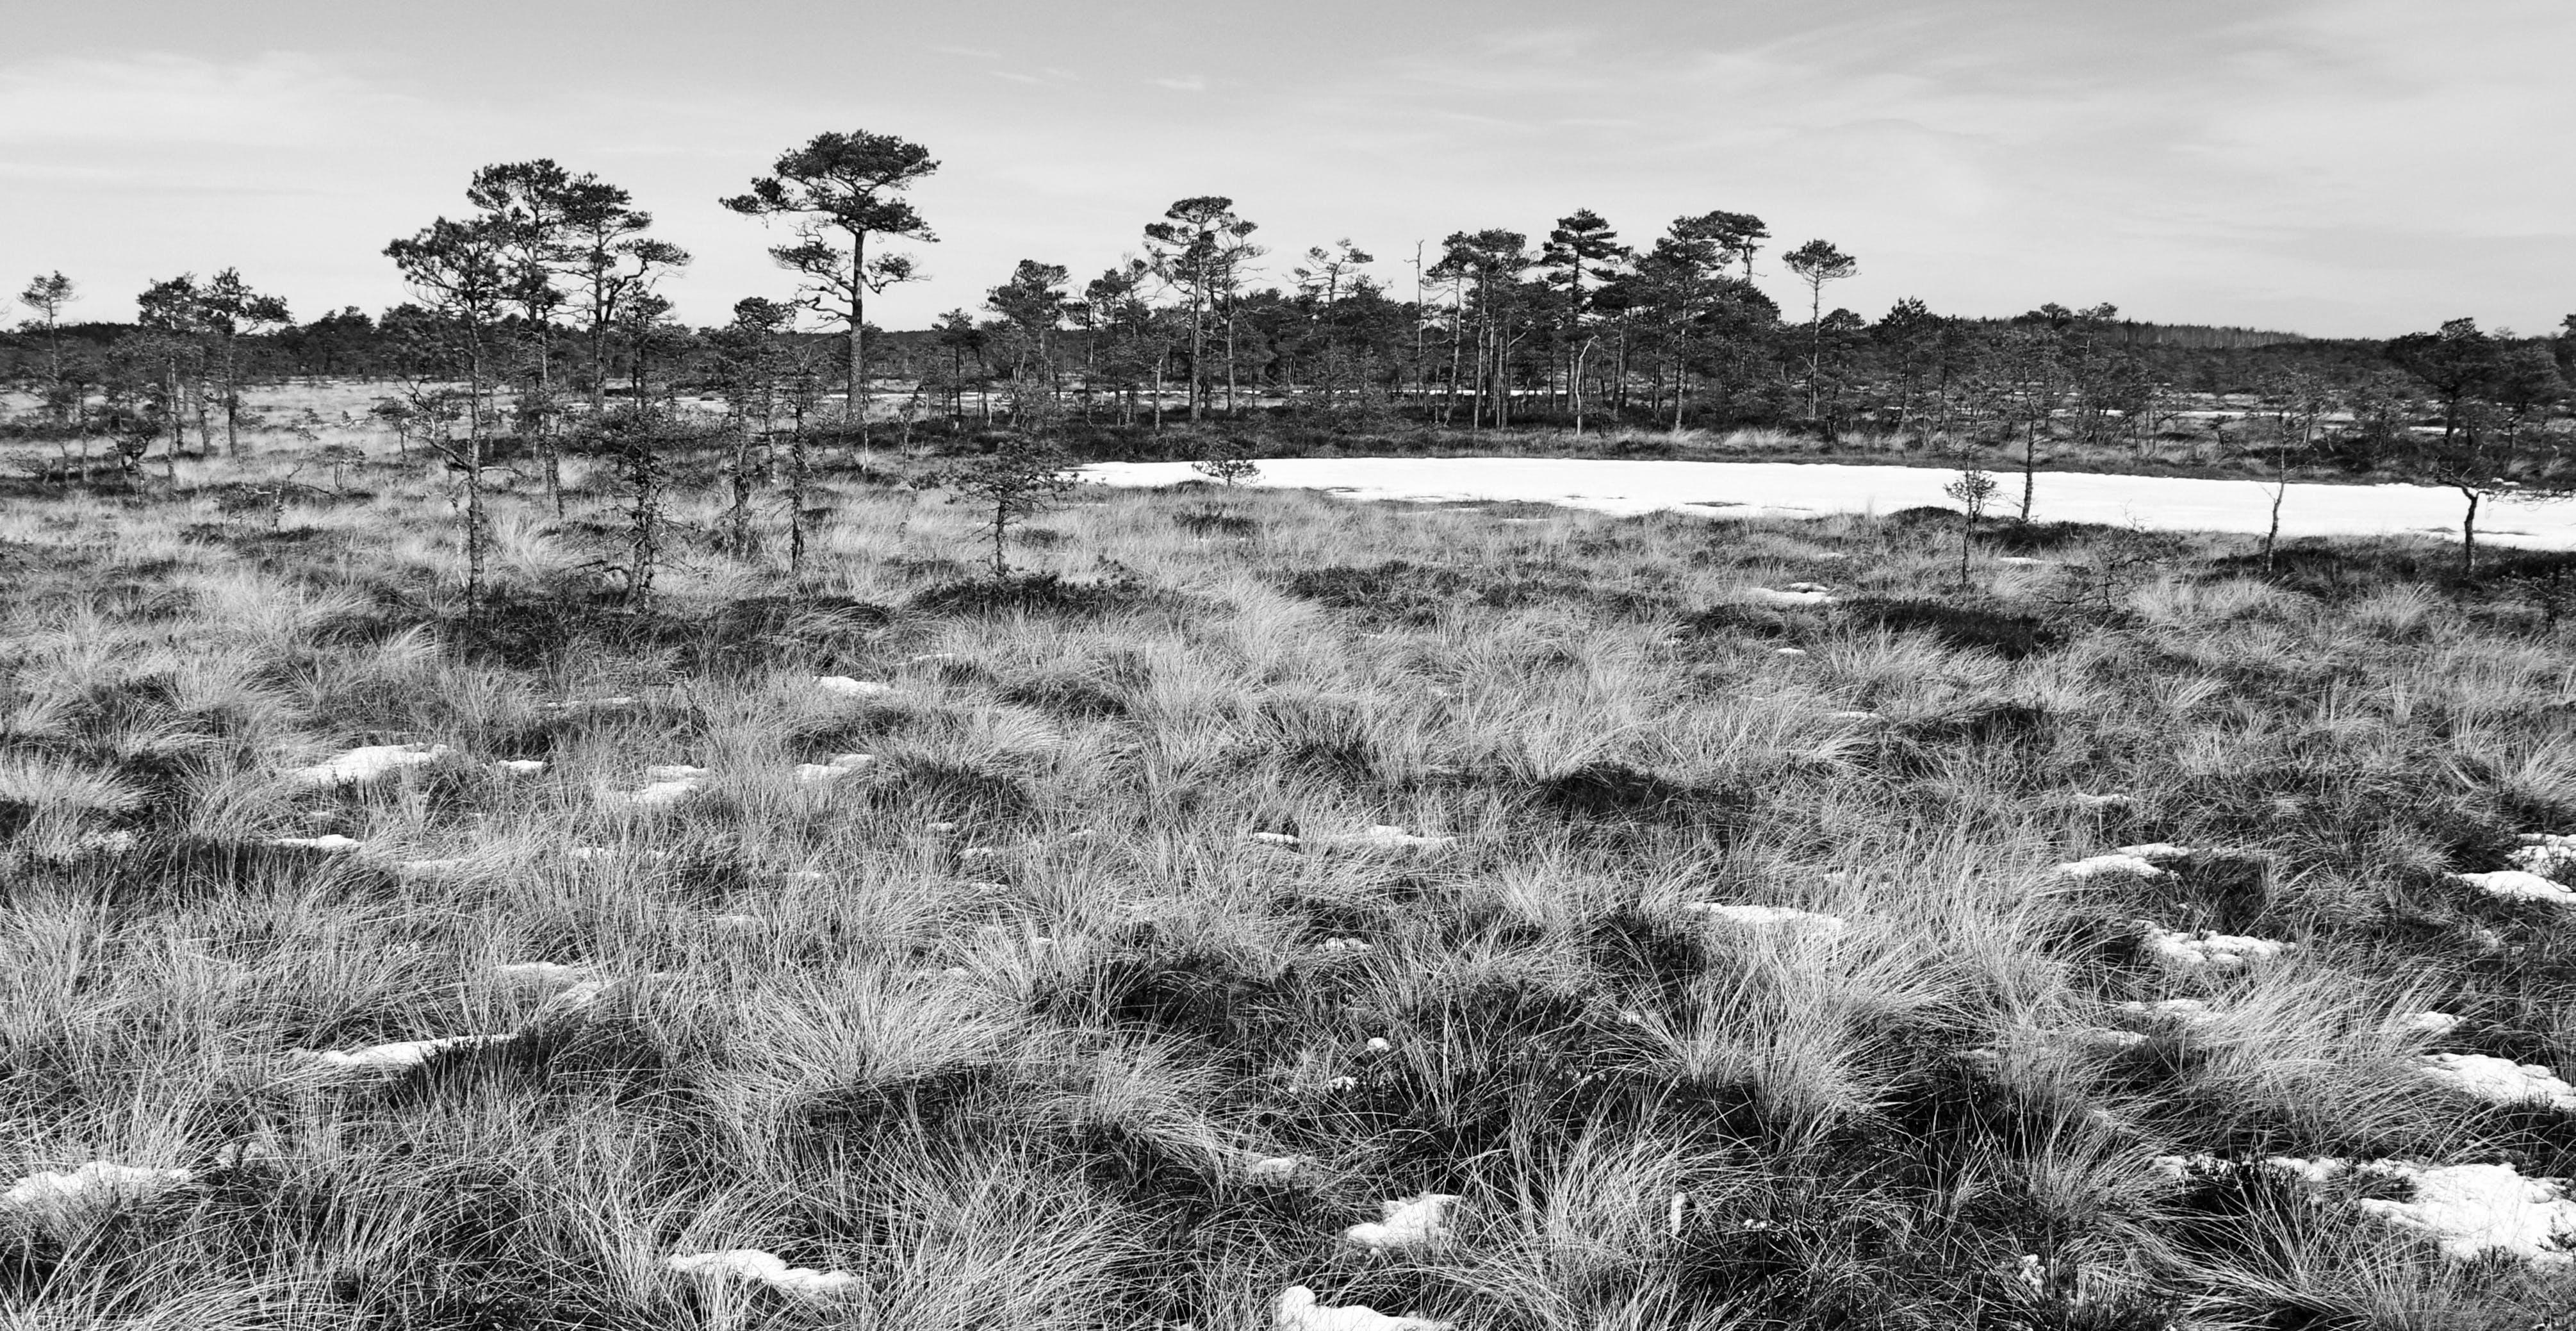 Immagine gratuita di alberi, ambiente, bianco e nero, campo